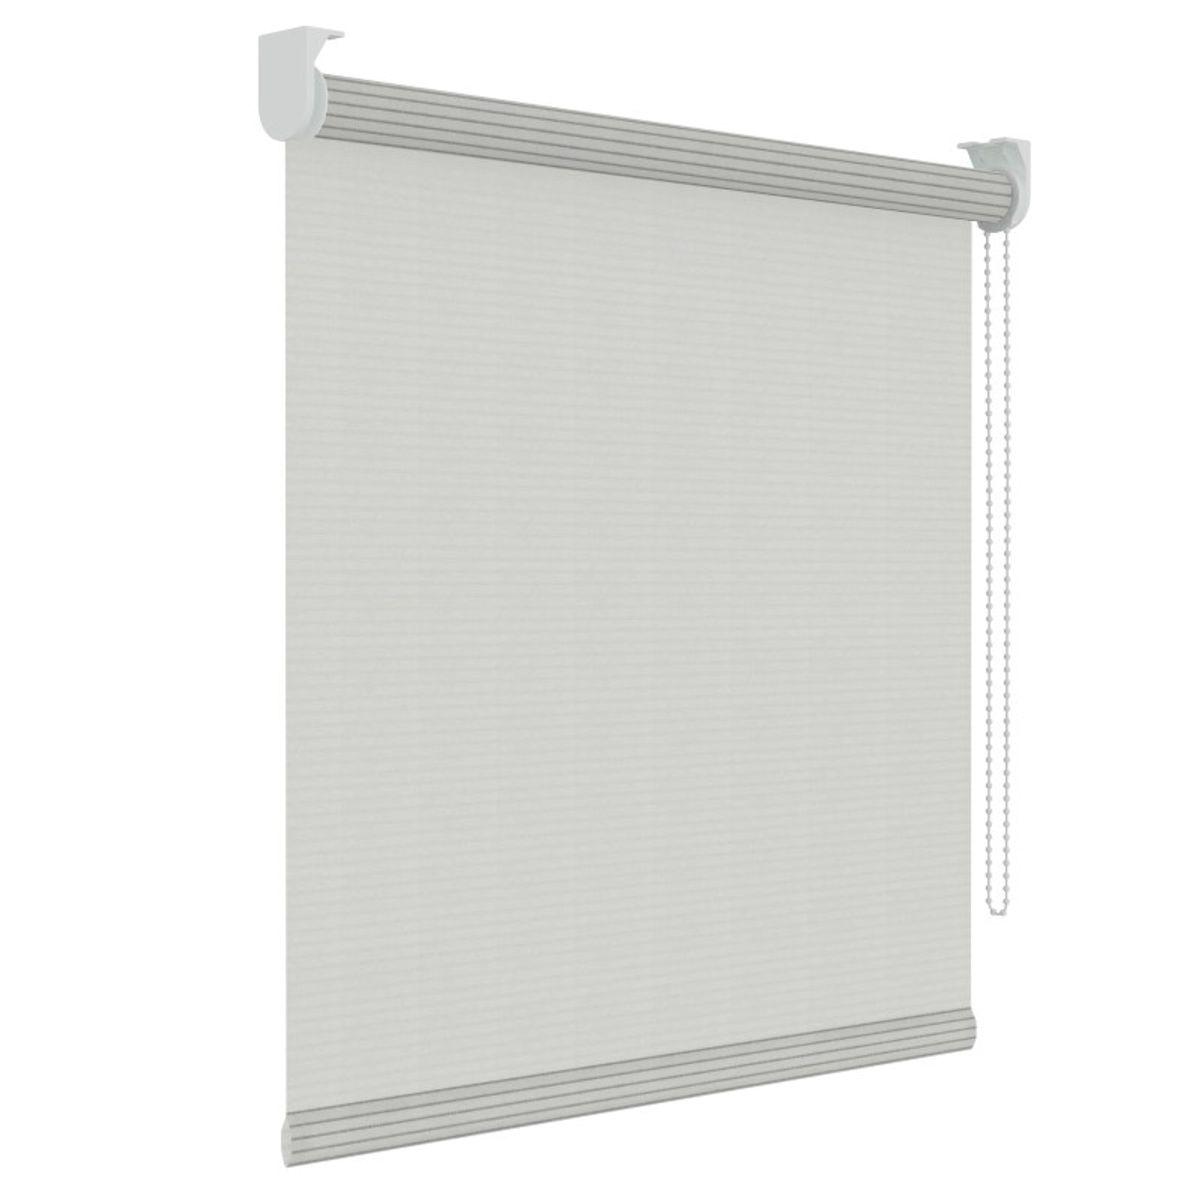 Rolgordijn structuur - Wit streep - Lichtdoorlatend - 180cm x 190cm